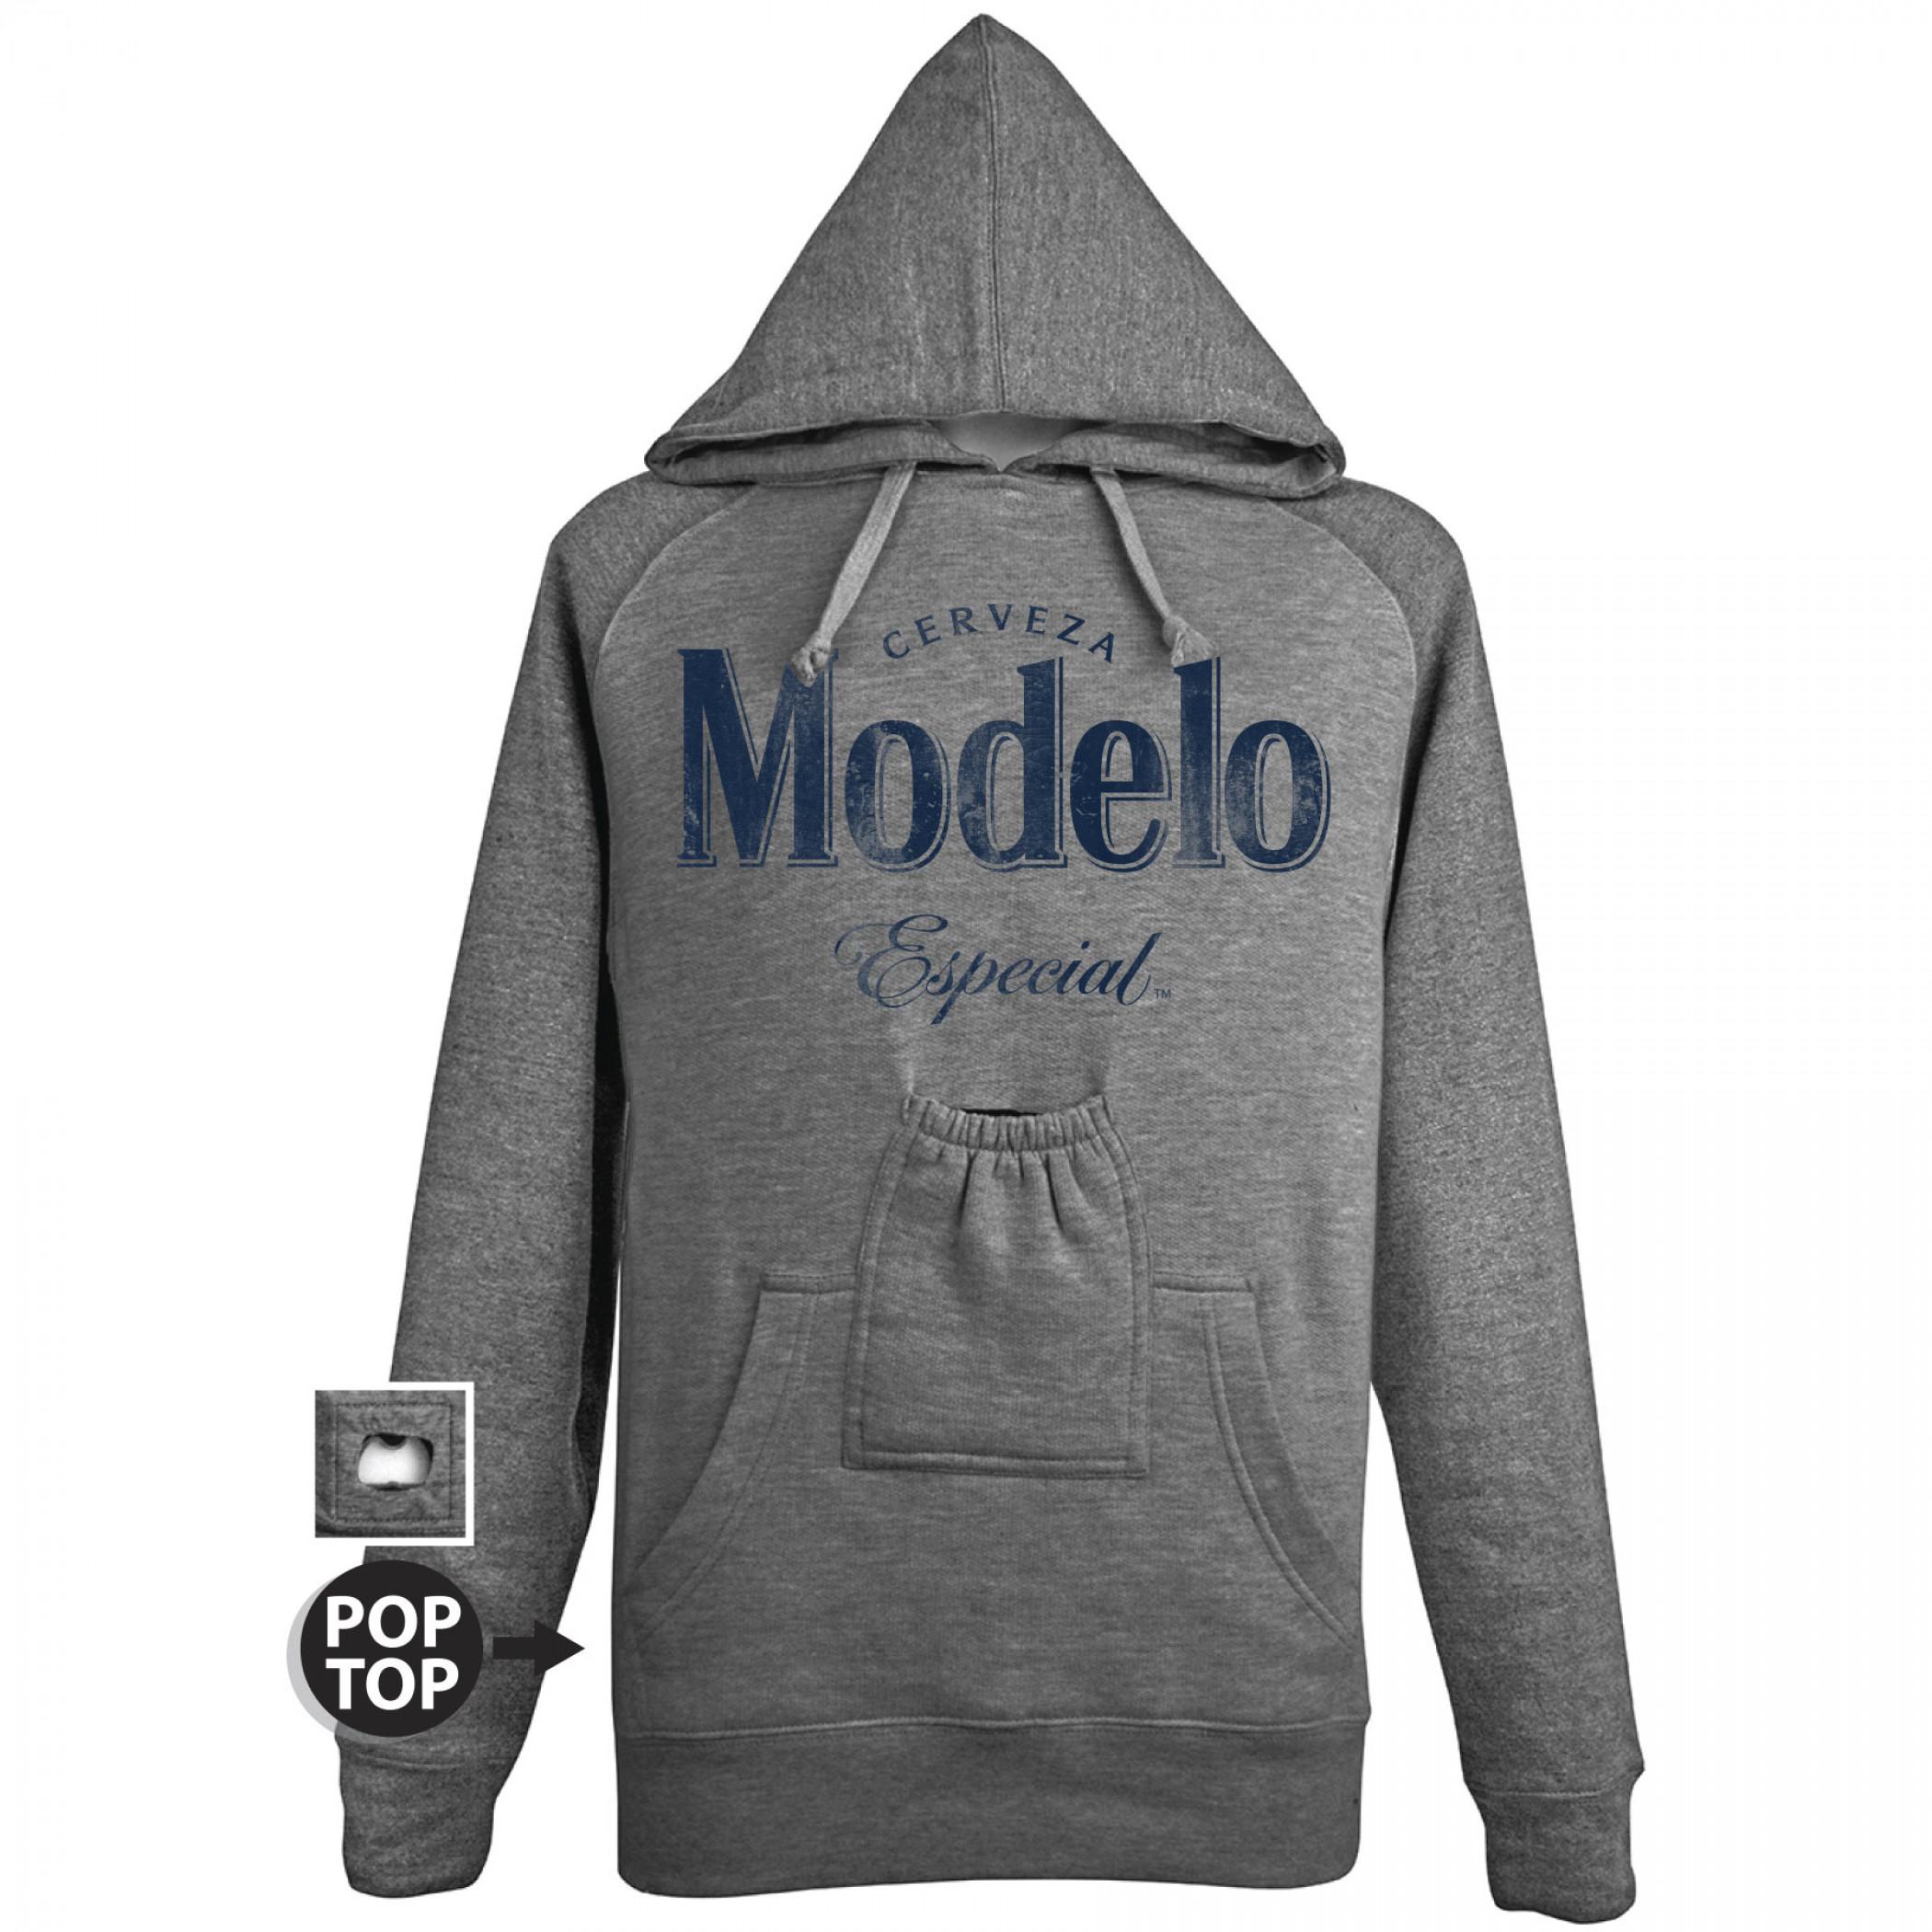 Modelo Especial Bottle Opener Pop Top Grey Hoodie